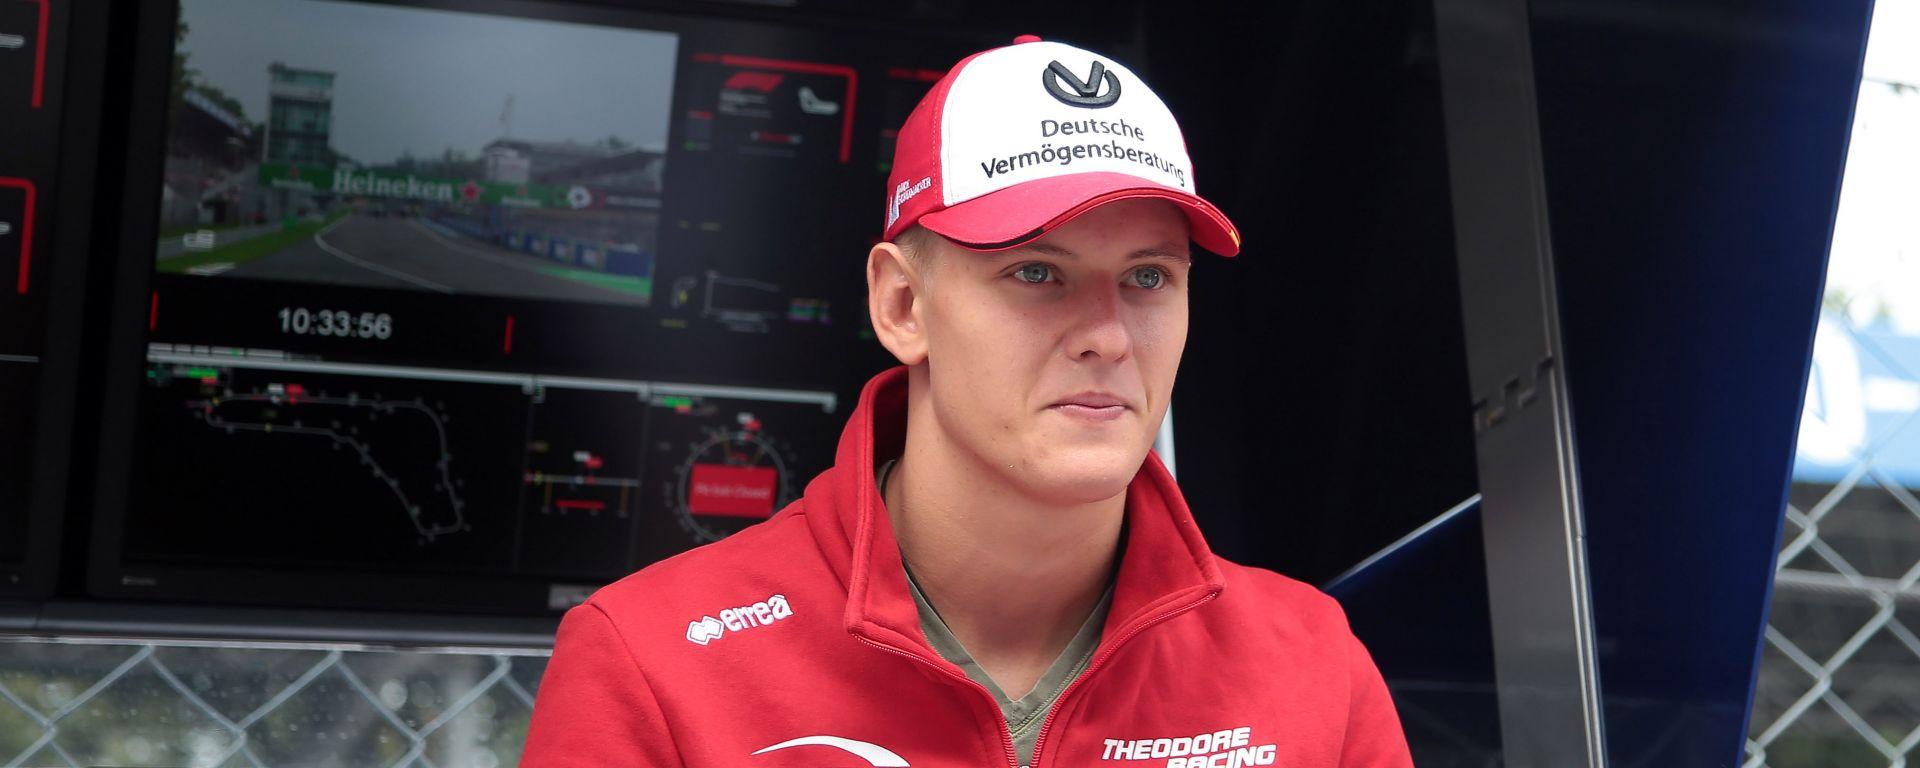 Mick Schumacher, figlio della leggenda Michael